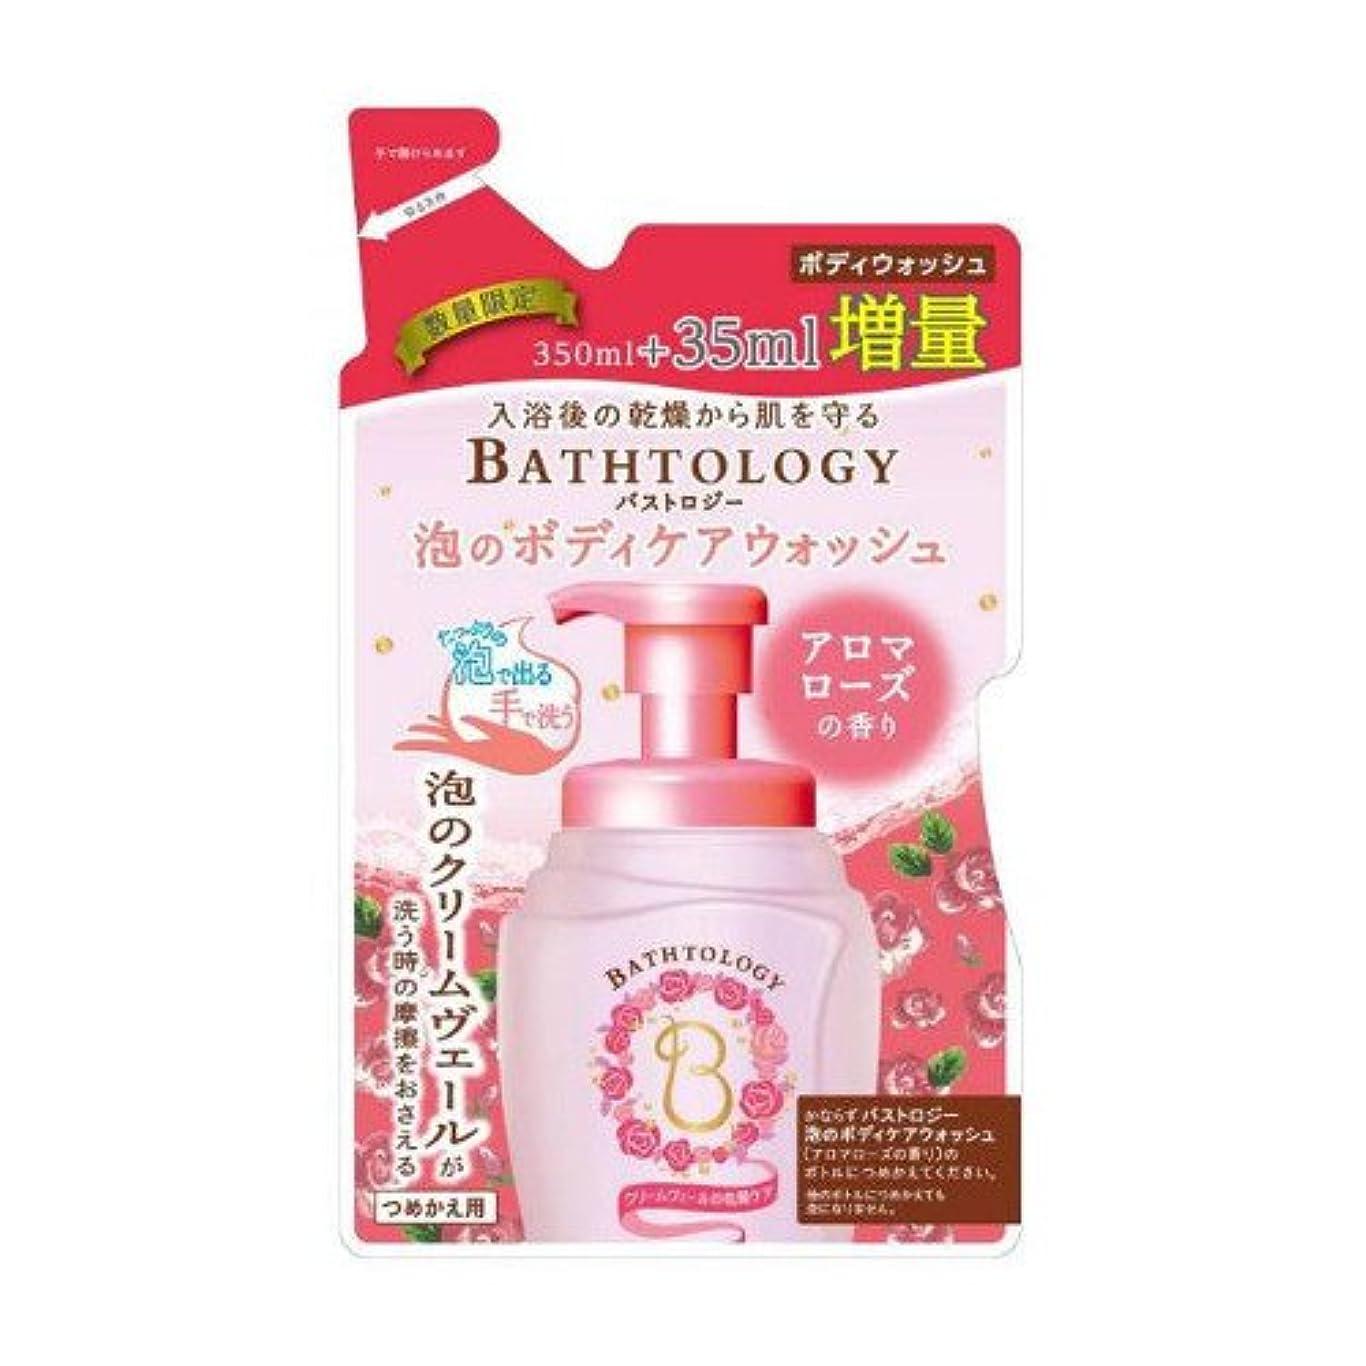 降伏デコレーション手錠BATHTOLOGY(バストロジー) 泡のボディケアウォッシュ アロマローズの香り 詰替